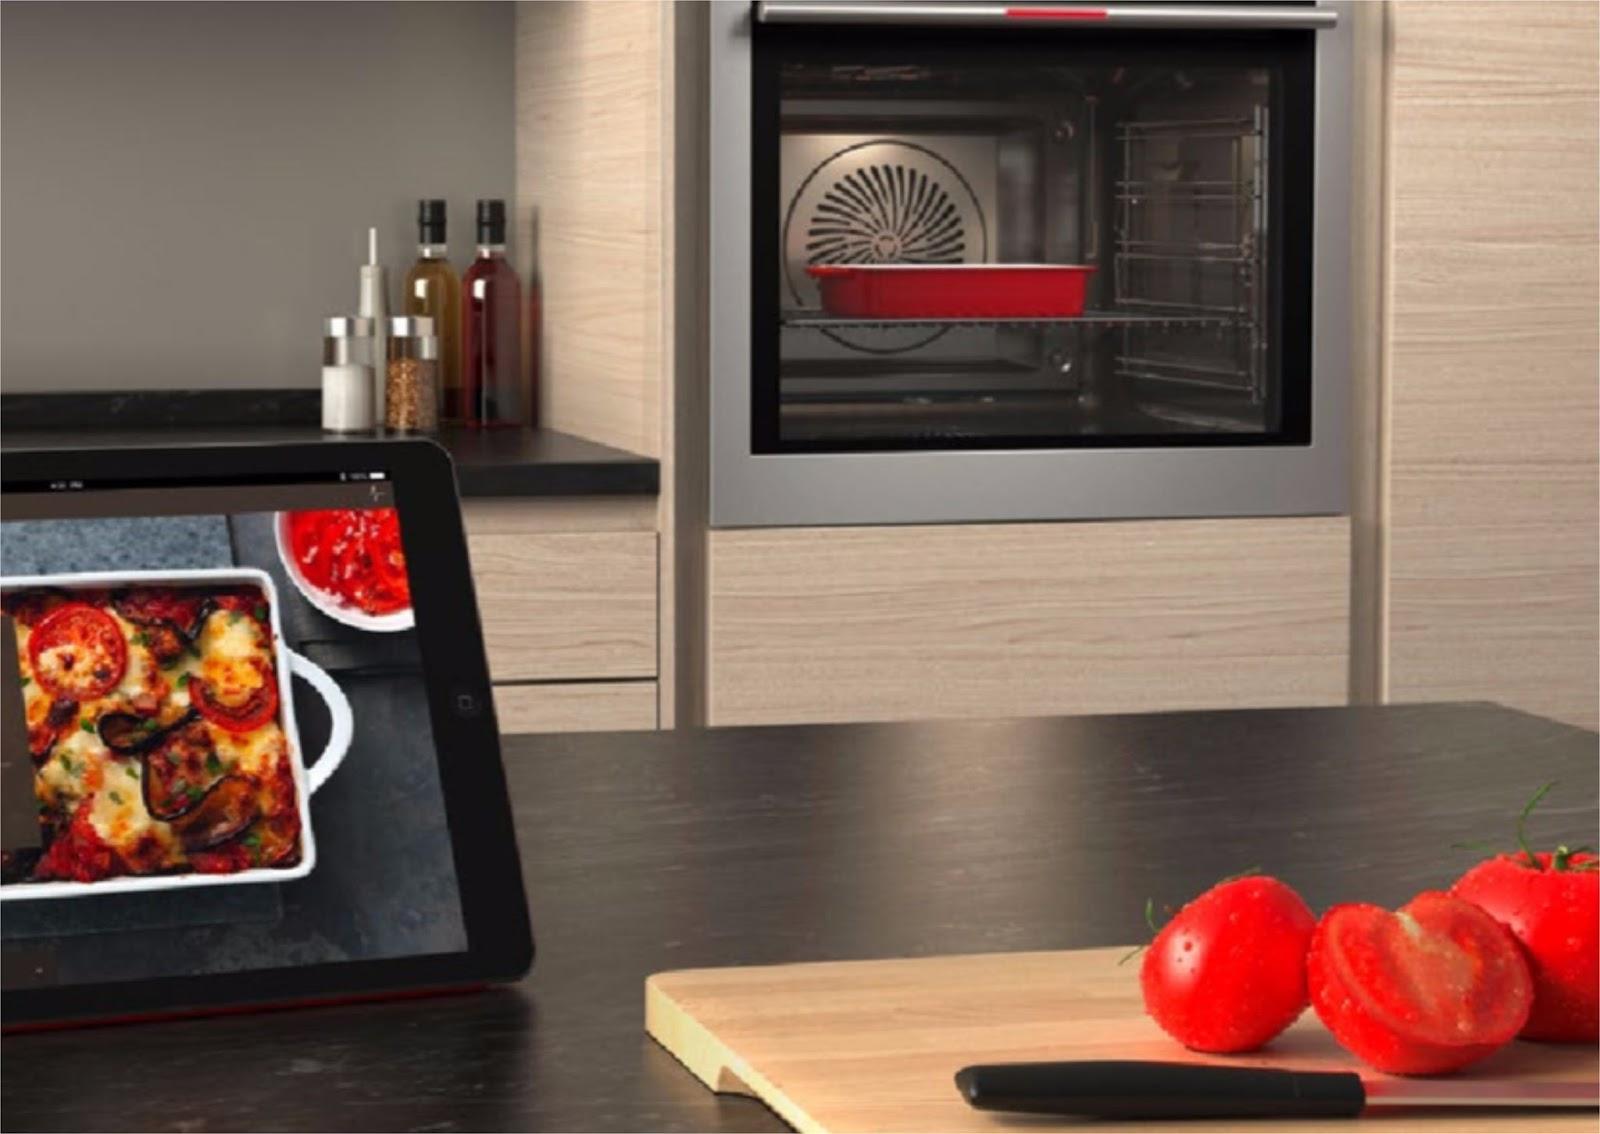 avis cuisine nolte - 28 images - cuisine nolte kuchen d model